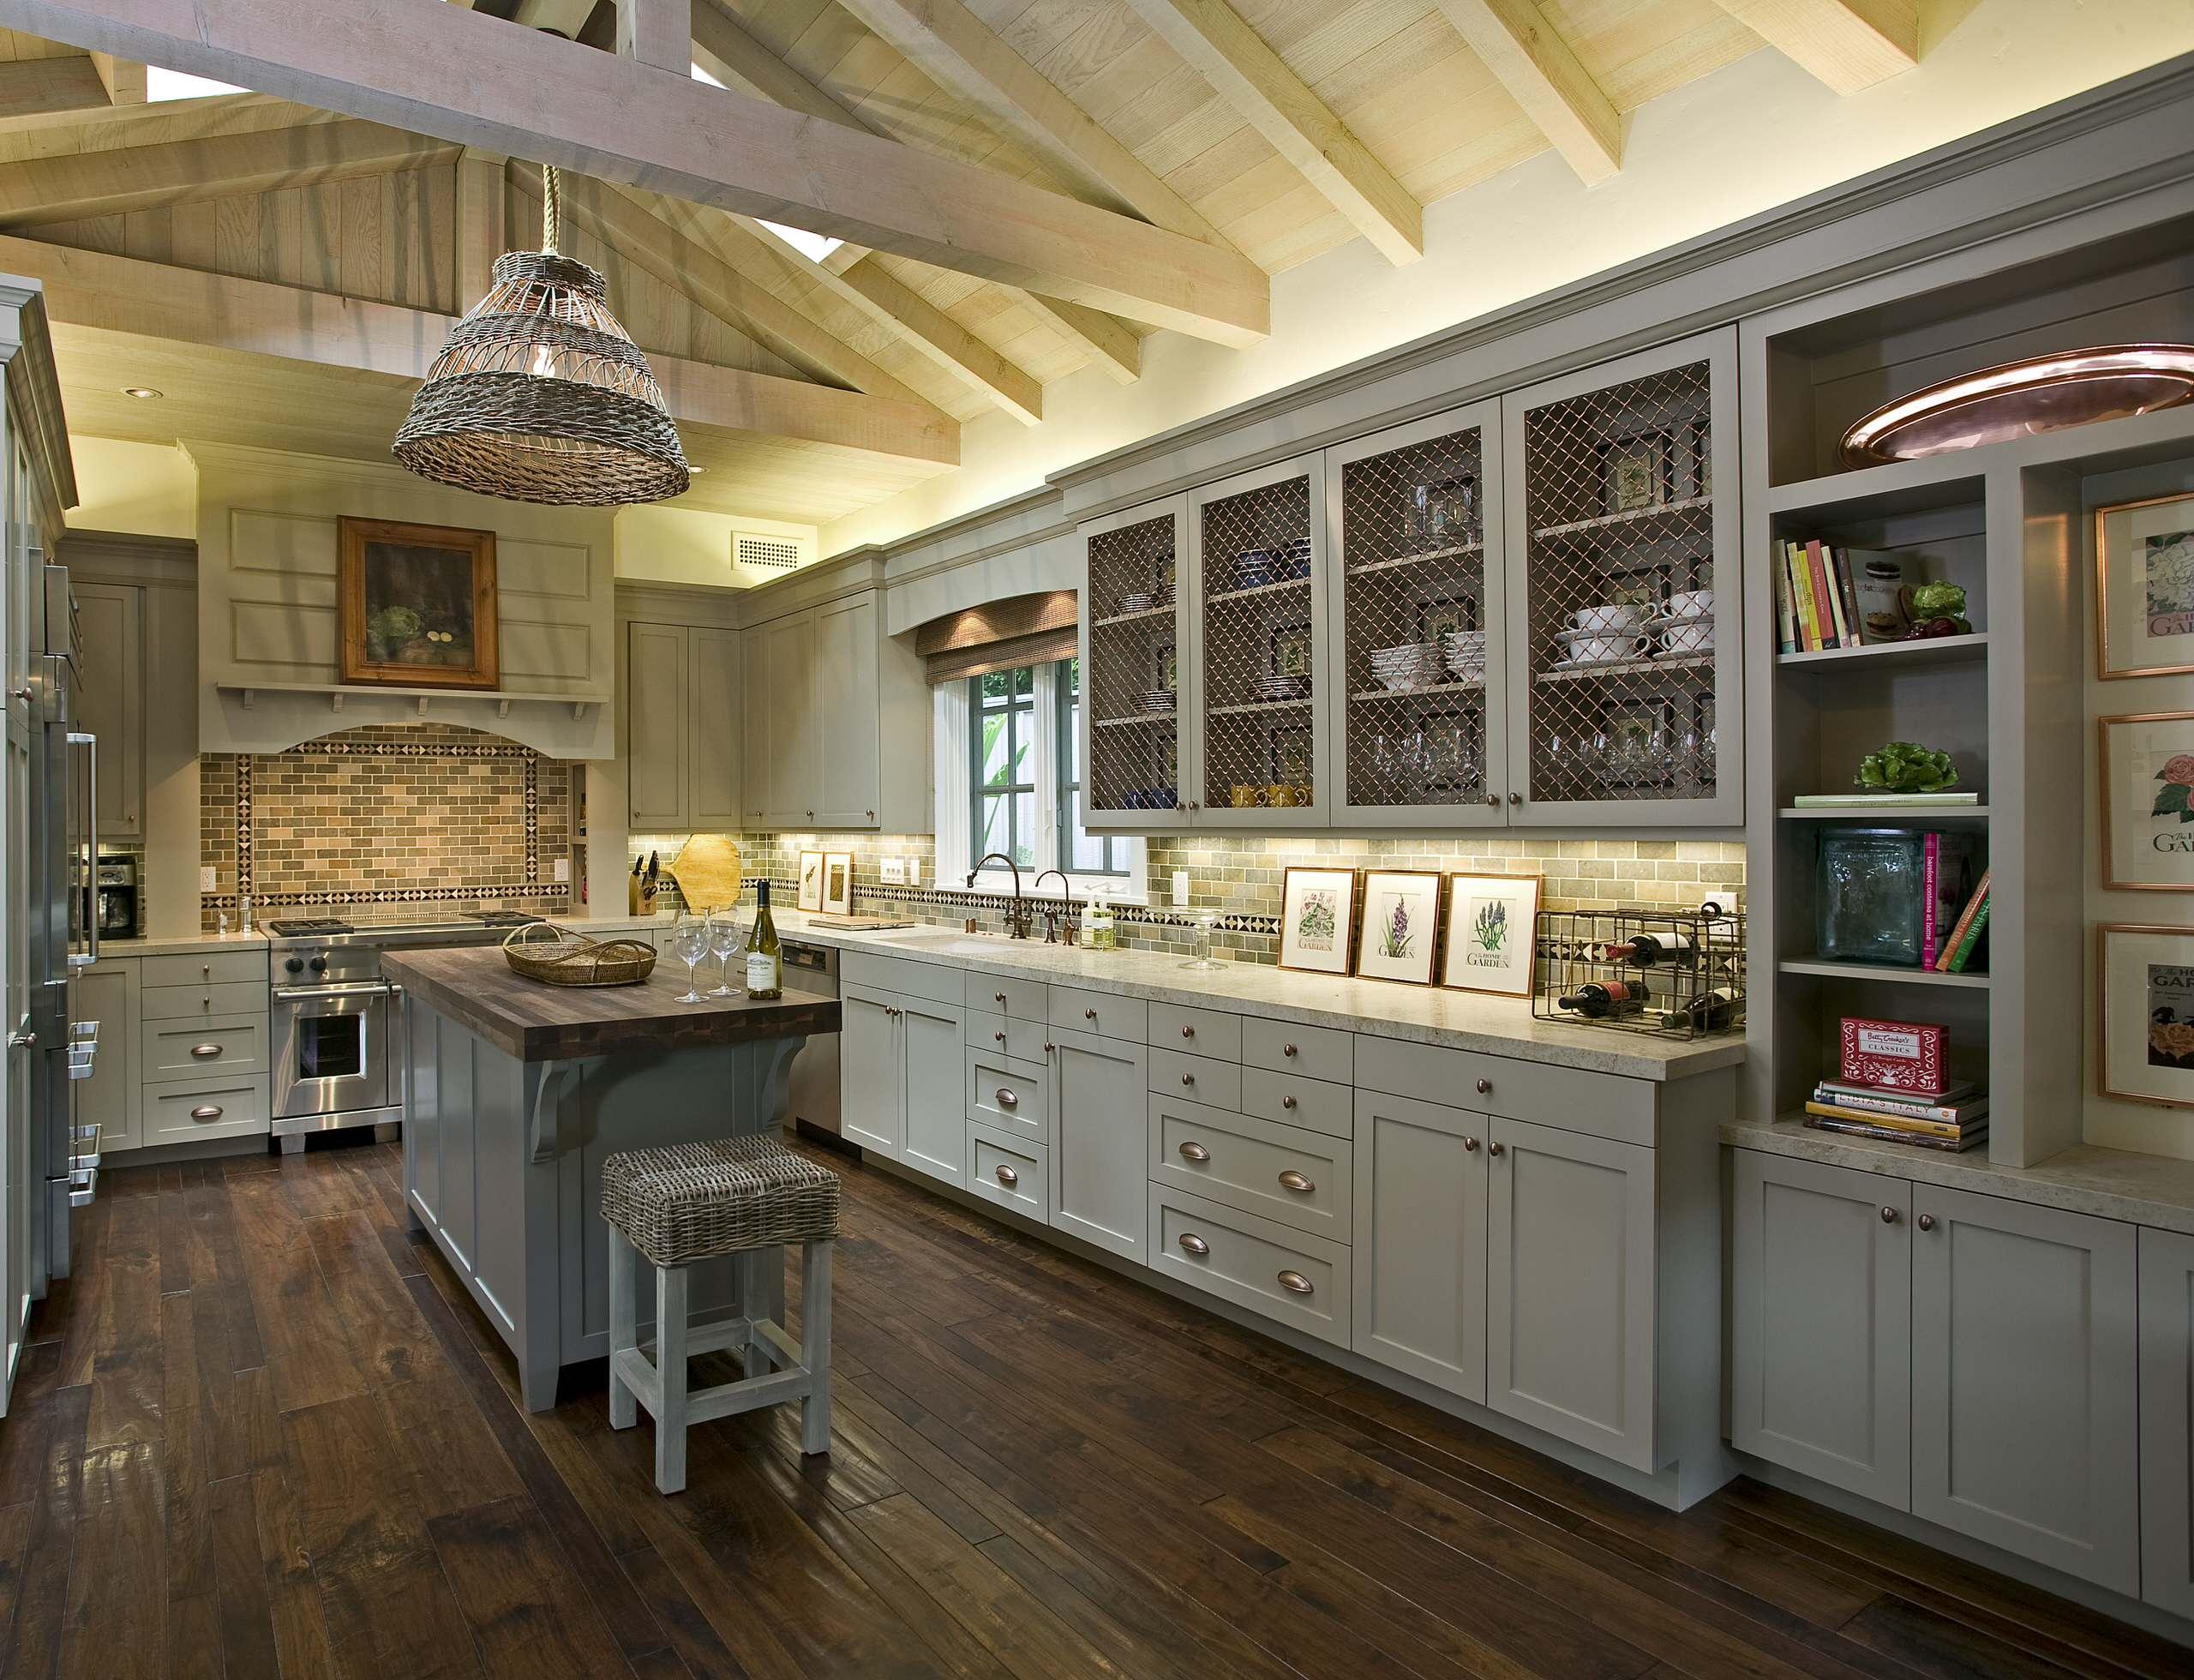 Wire Mesh Kitchen Cabinets Houzz